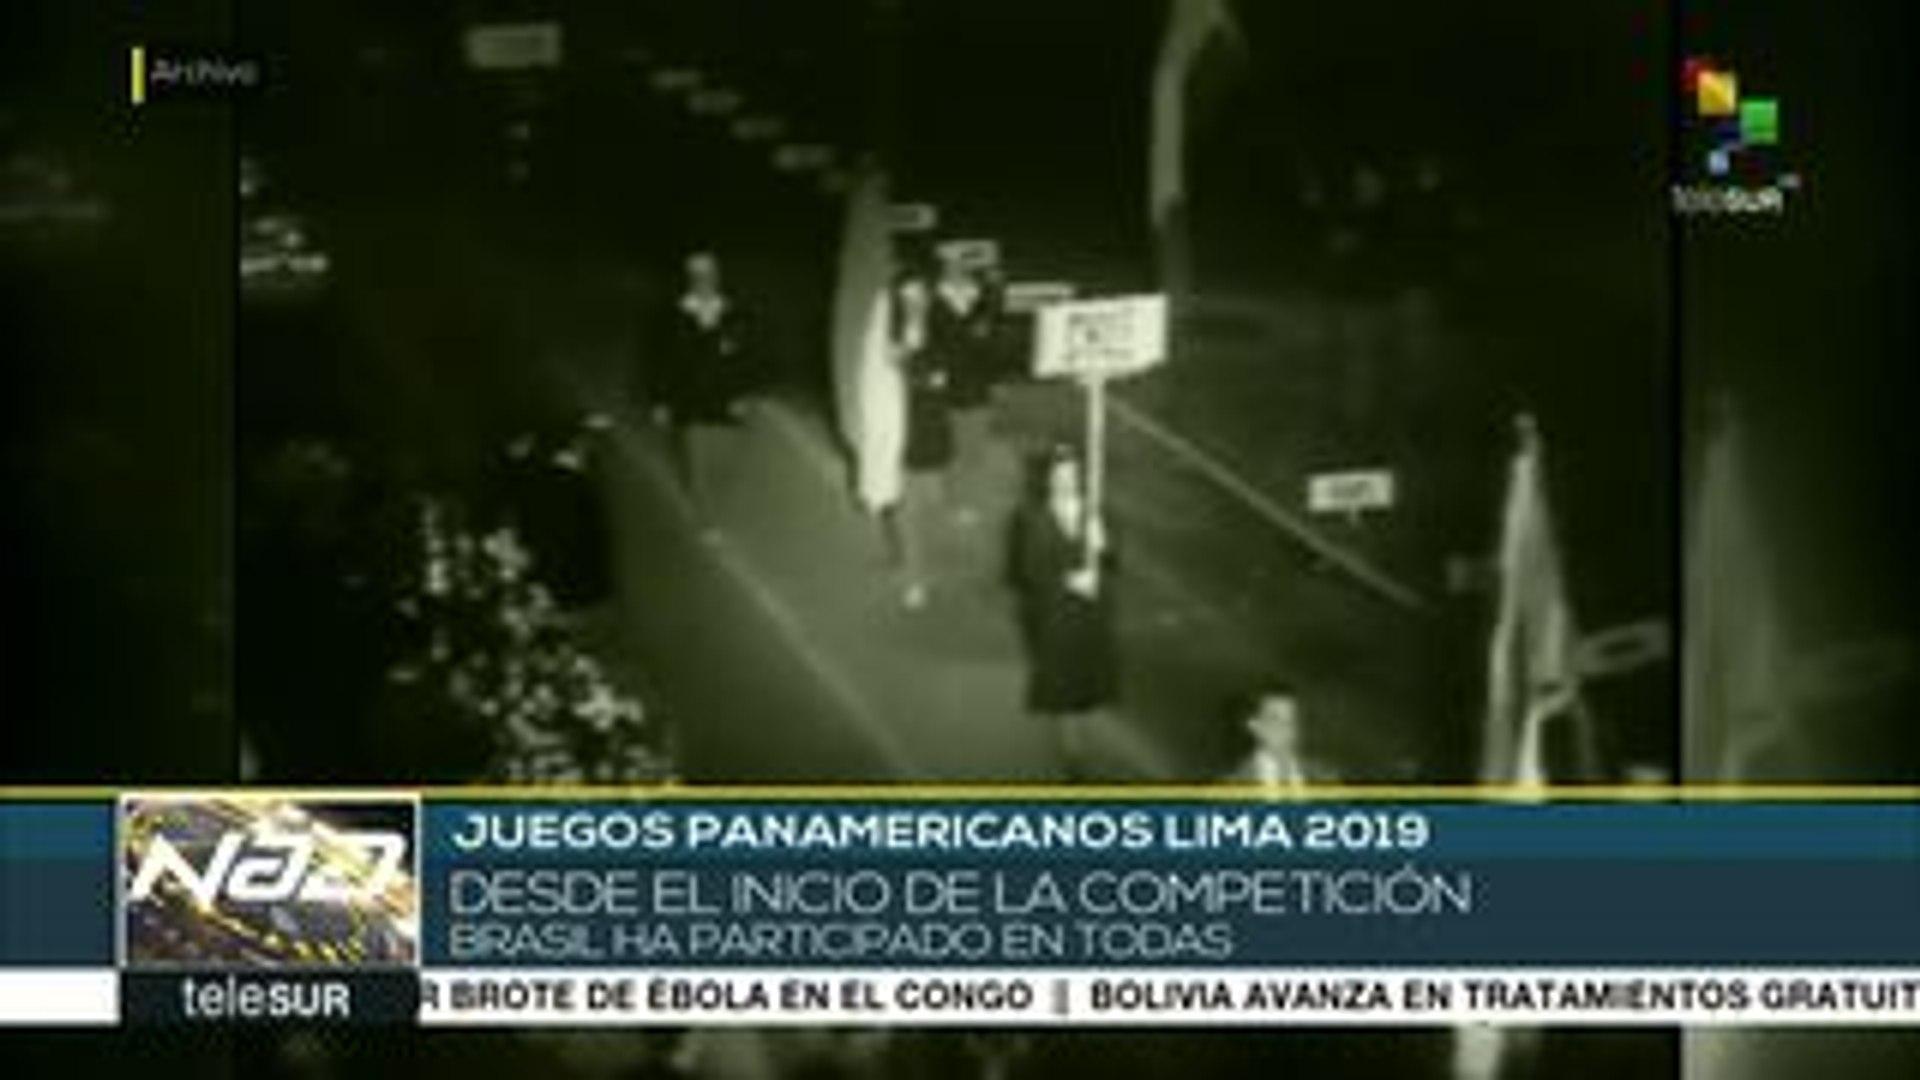 Nad Juegos Panamericanos 2019